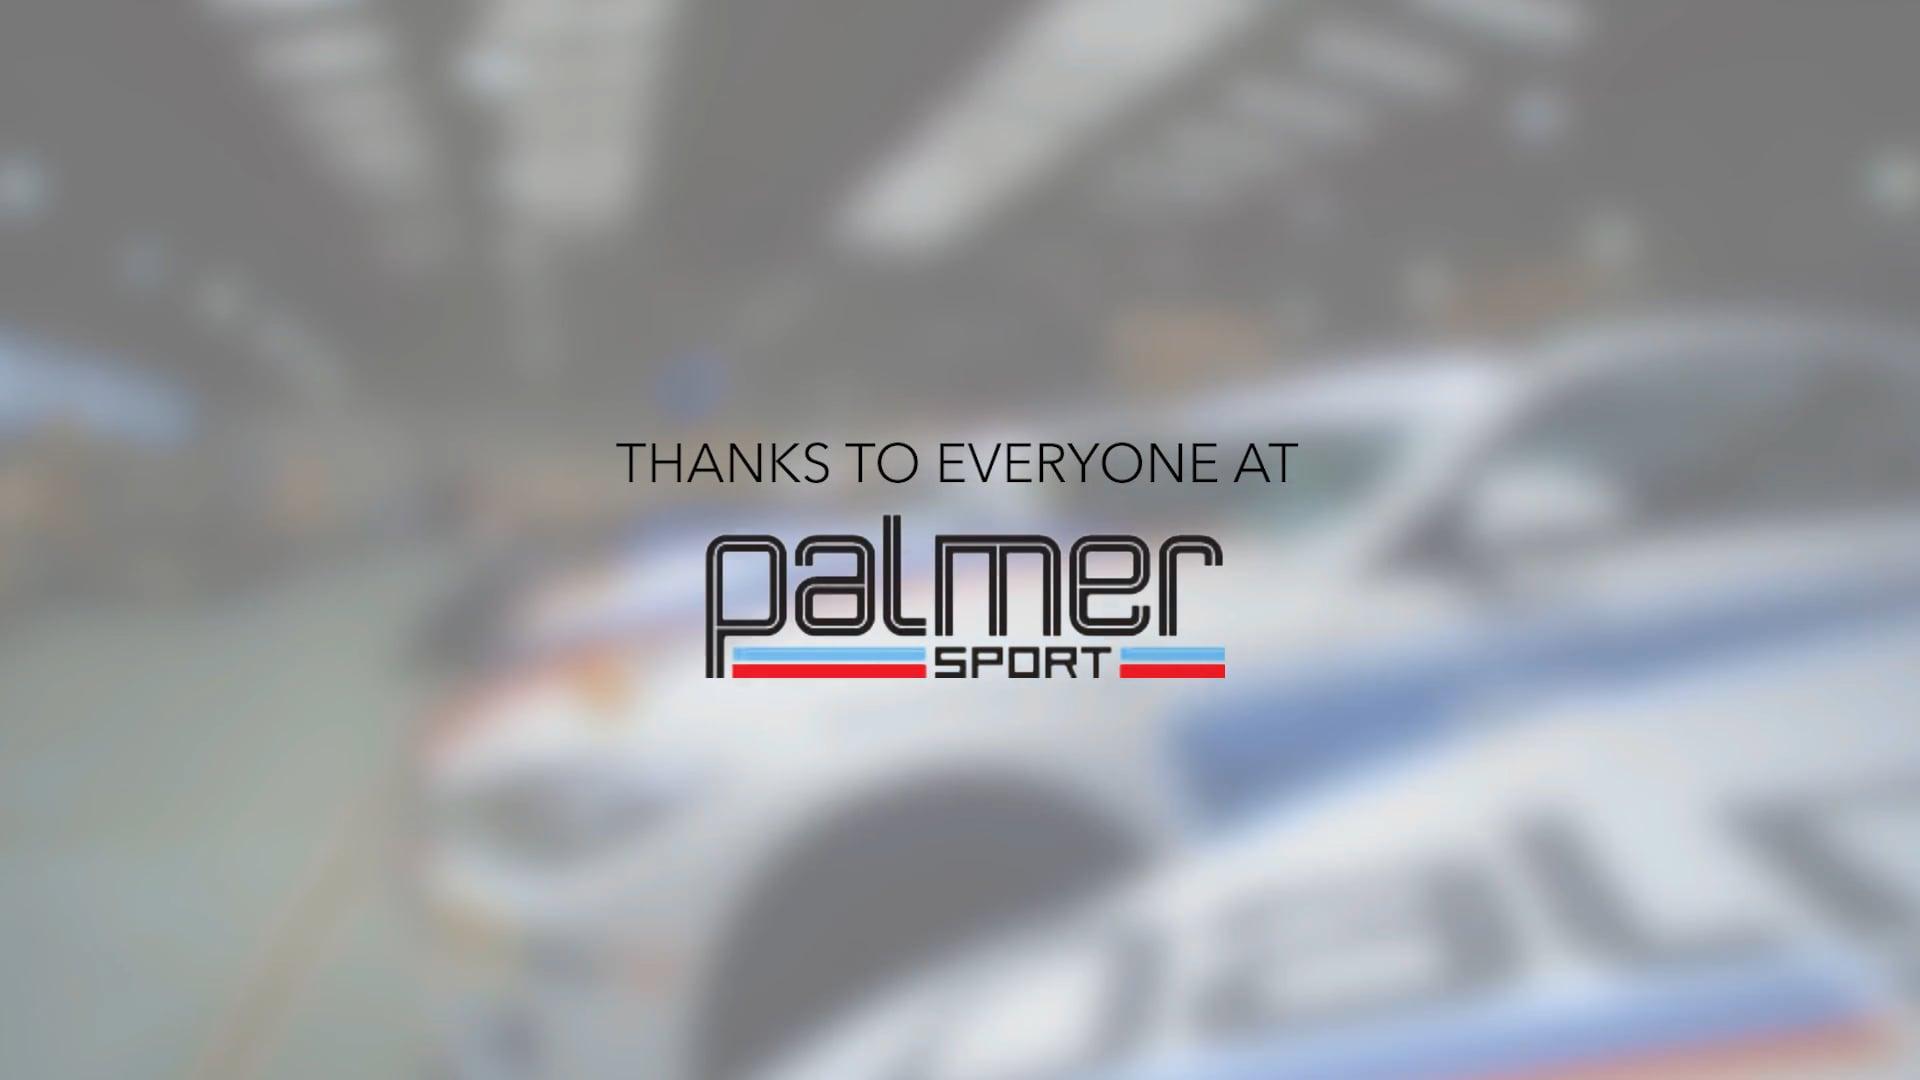 Qandor at Palmer Sport